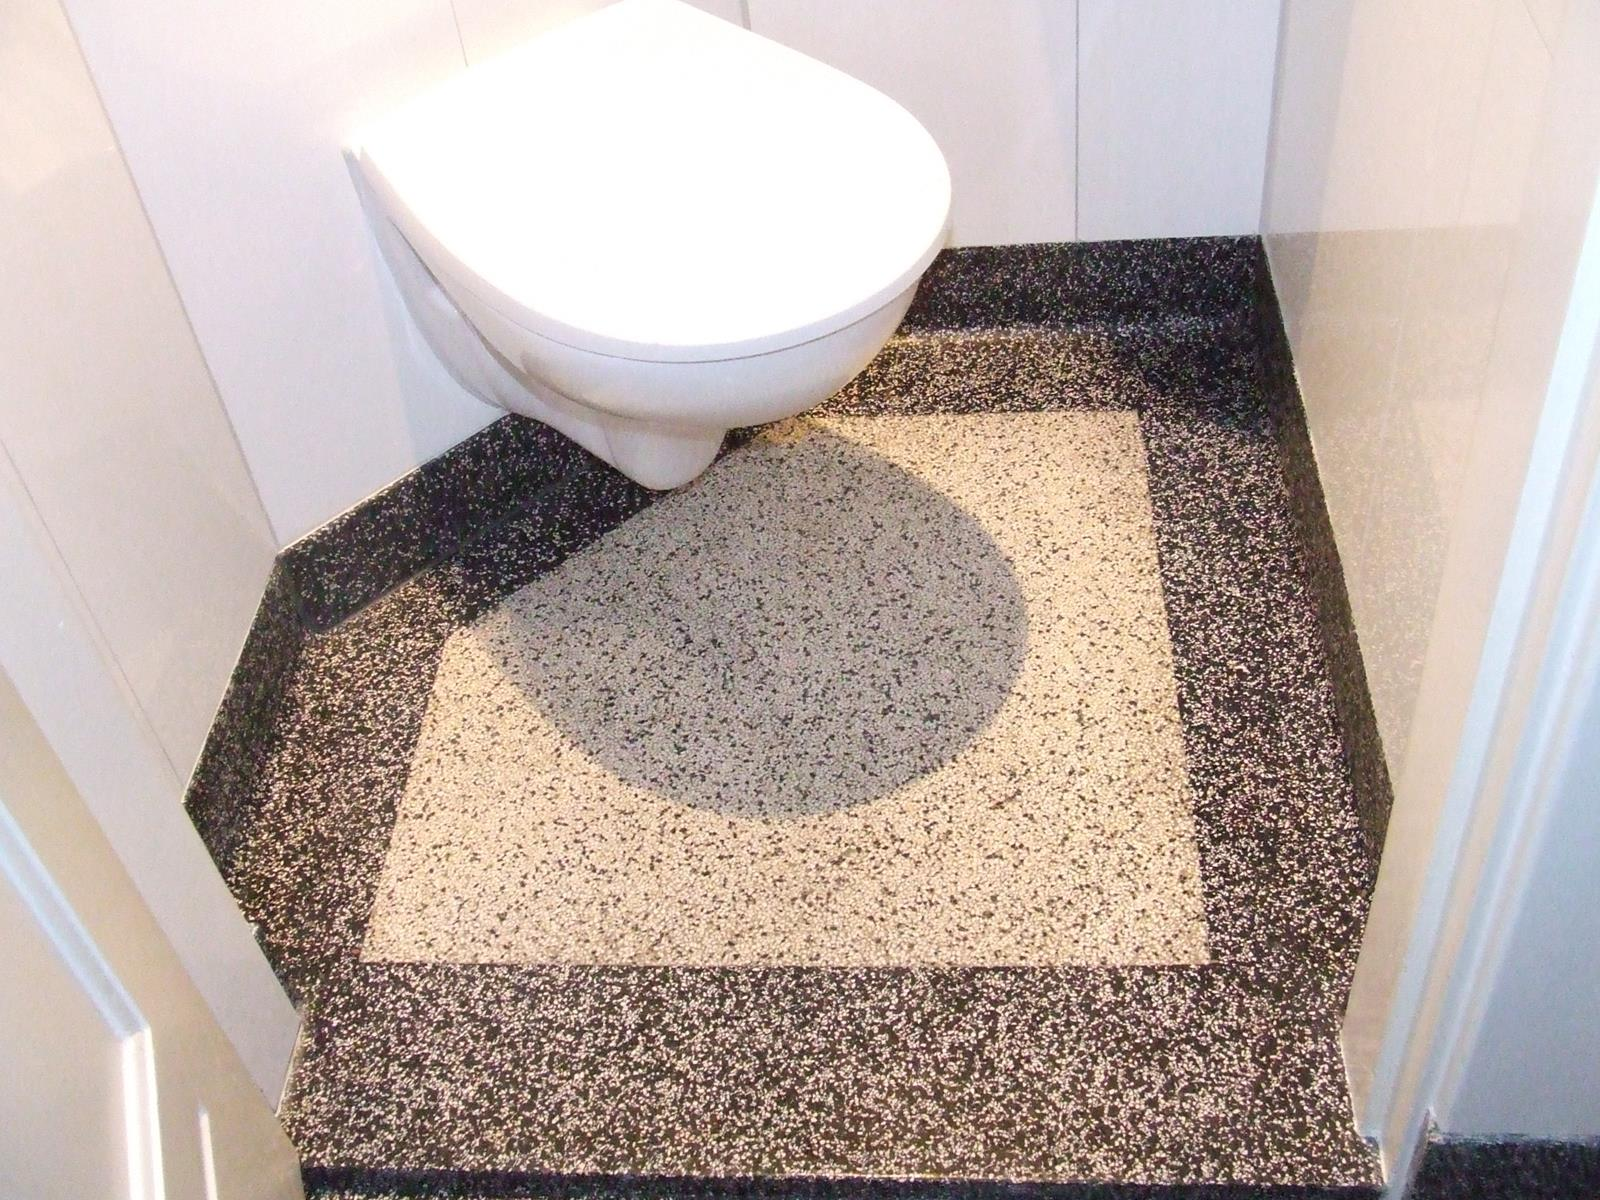 Bekend Terrazzo vloeren Apeldoorn - Granito vloer ZV47